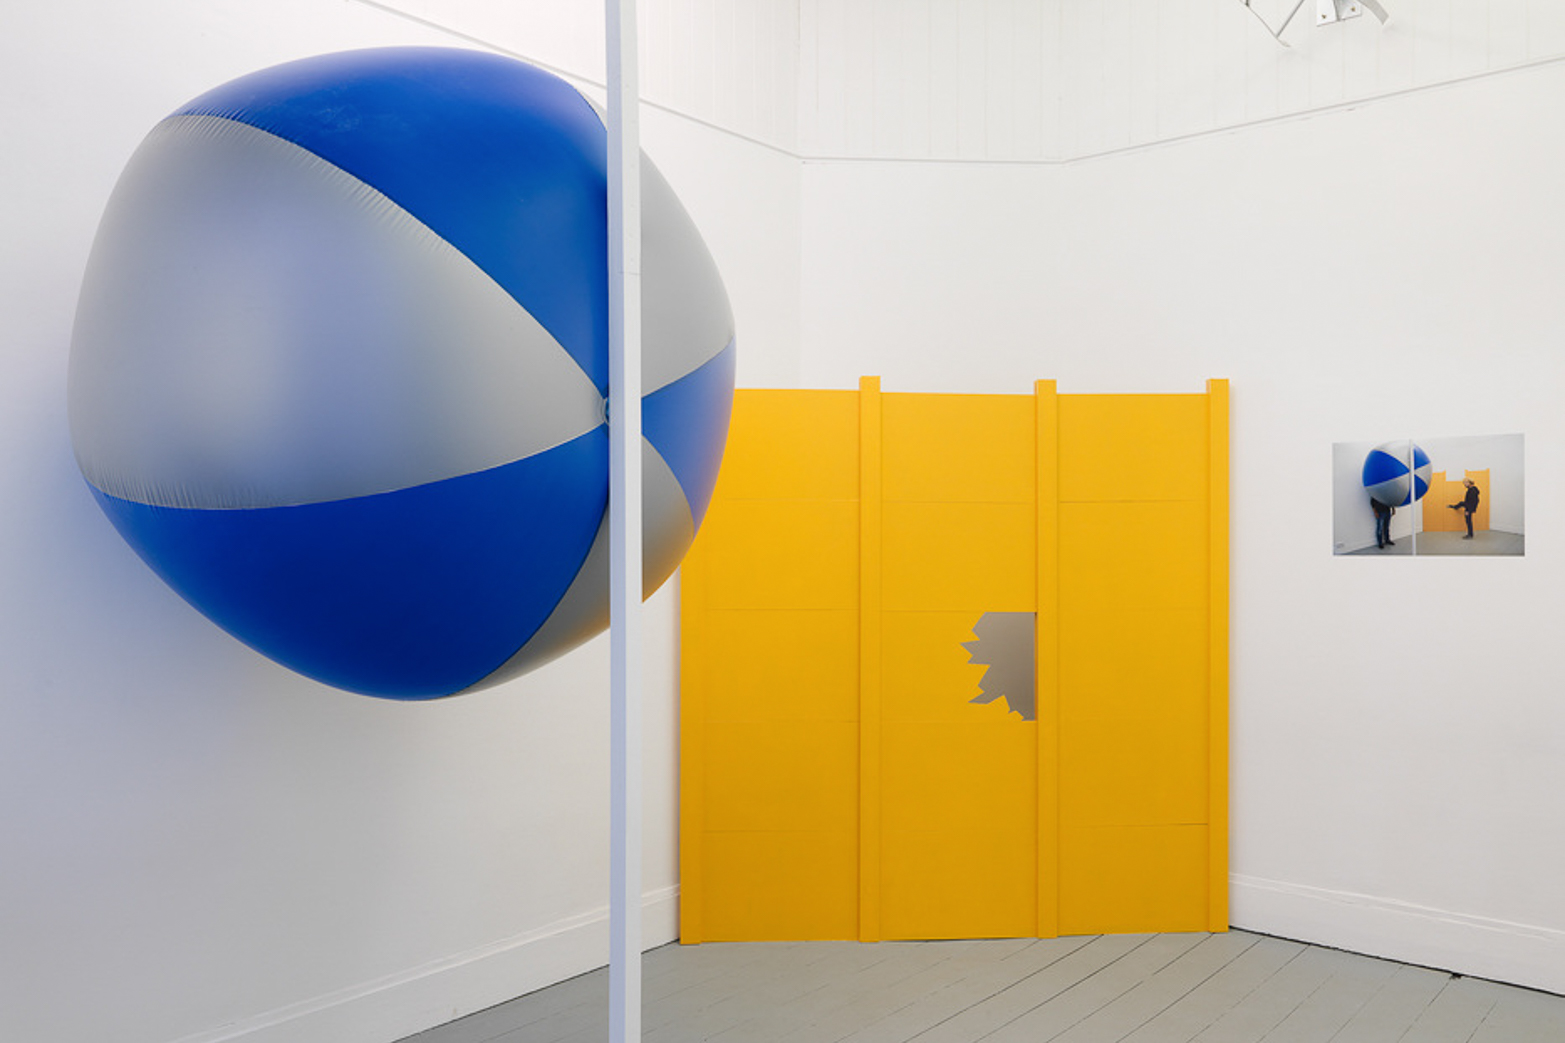 Feiko Beckers, The Exact Opposite of the Exact Opposite. Tenderpixel.